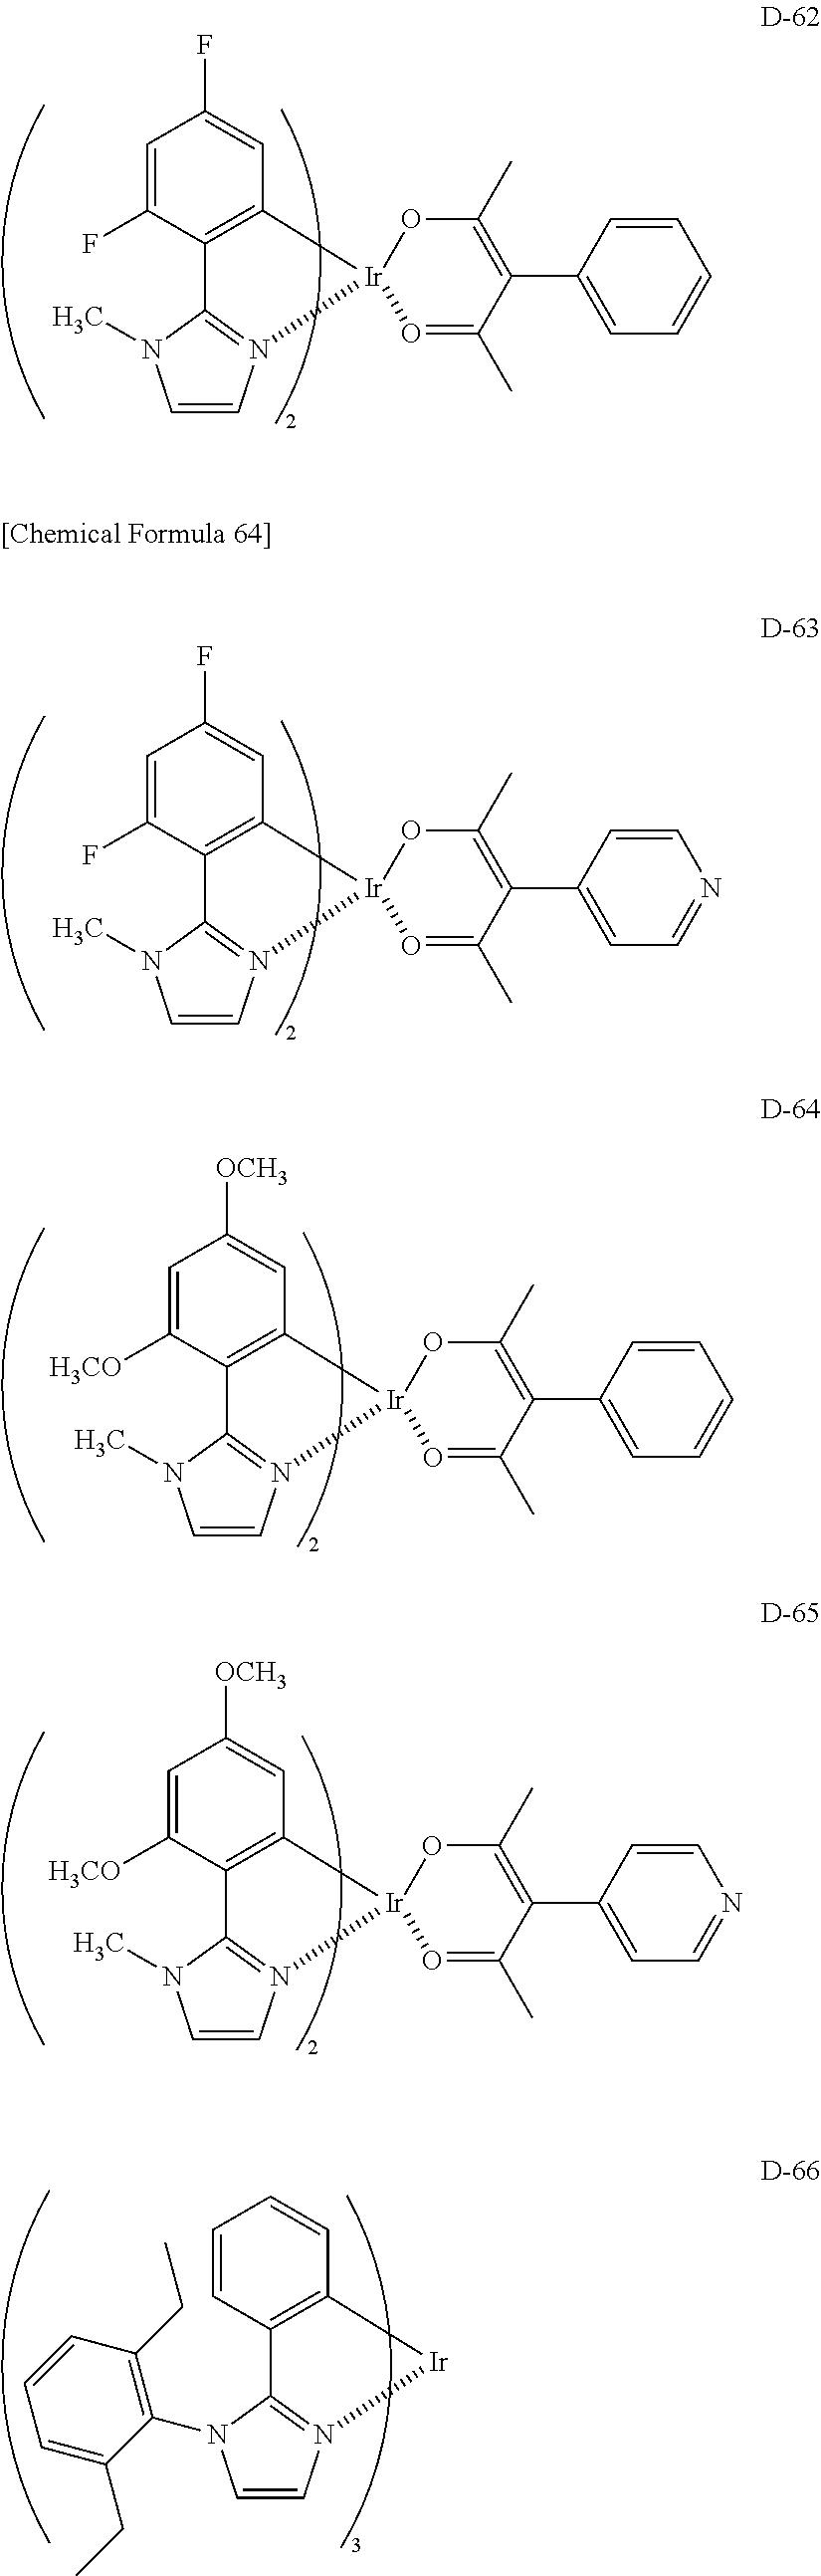 Figure US09935269-20180403-C00077